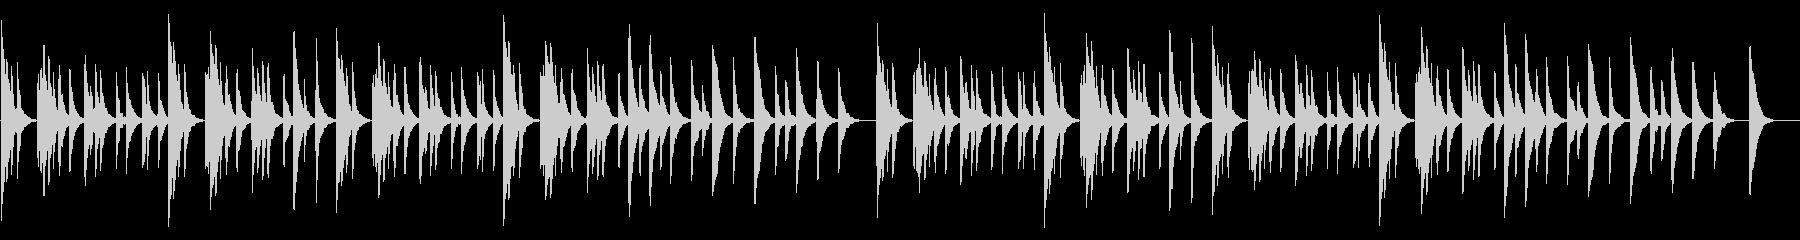 シリアス・不安なオルゴールの未再生の波形